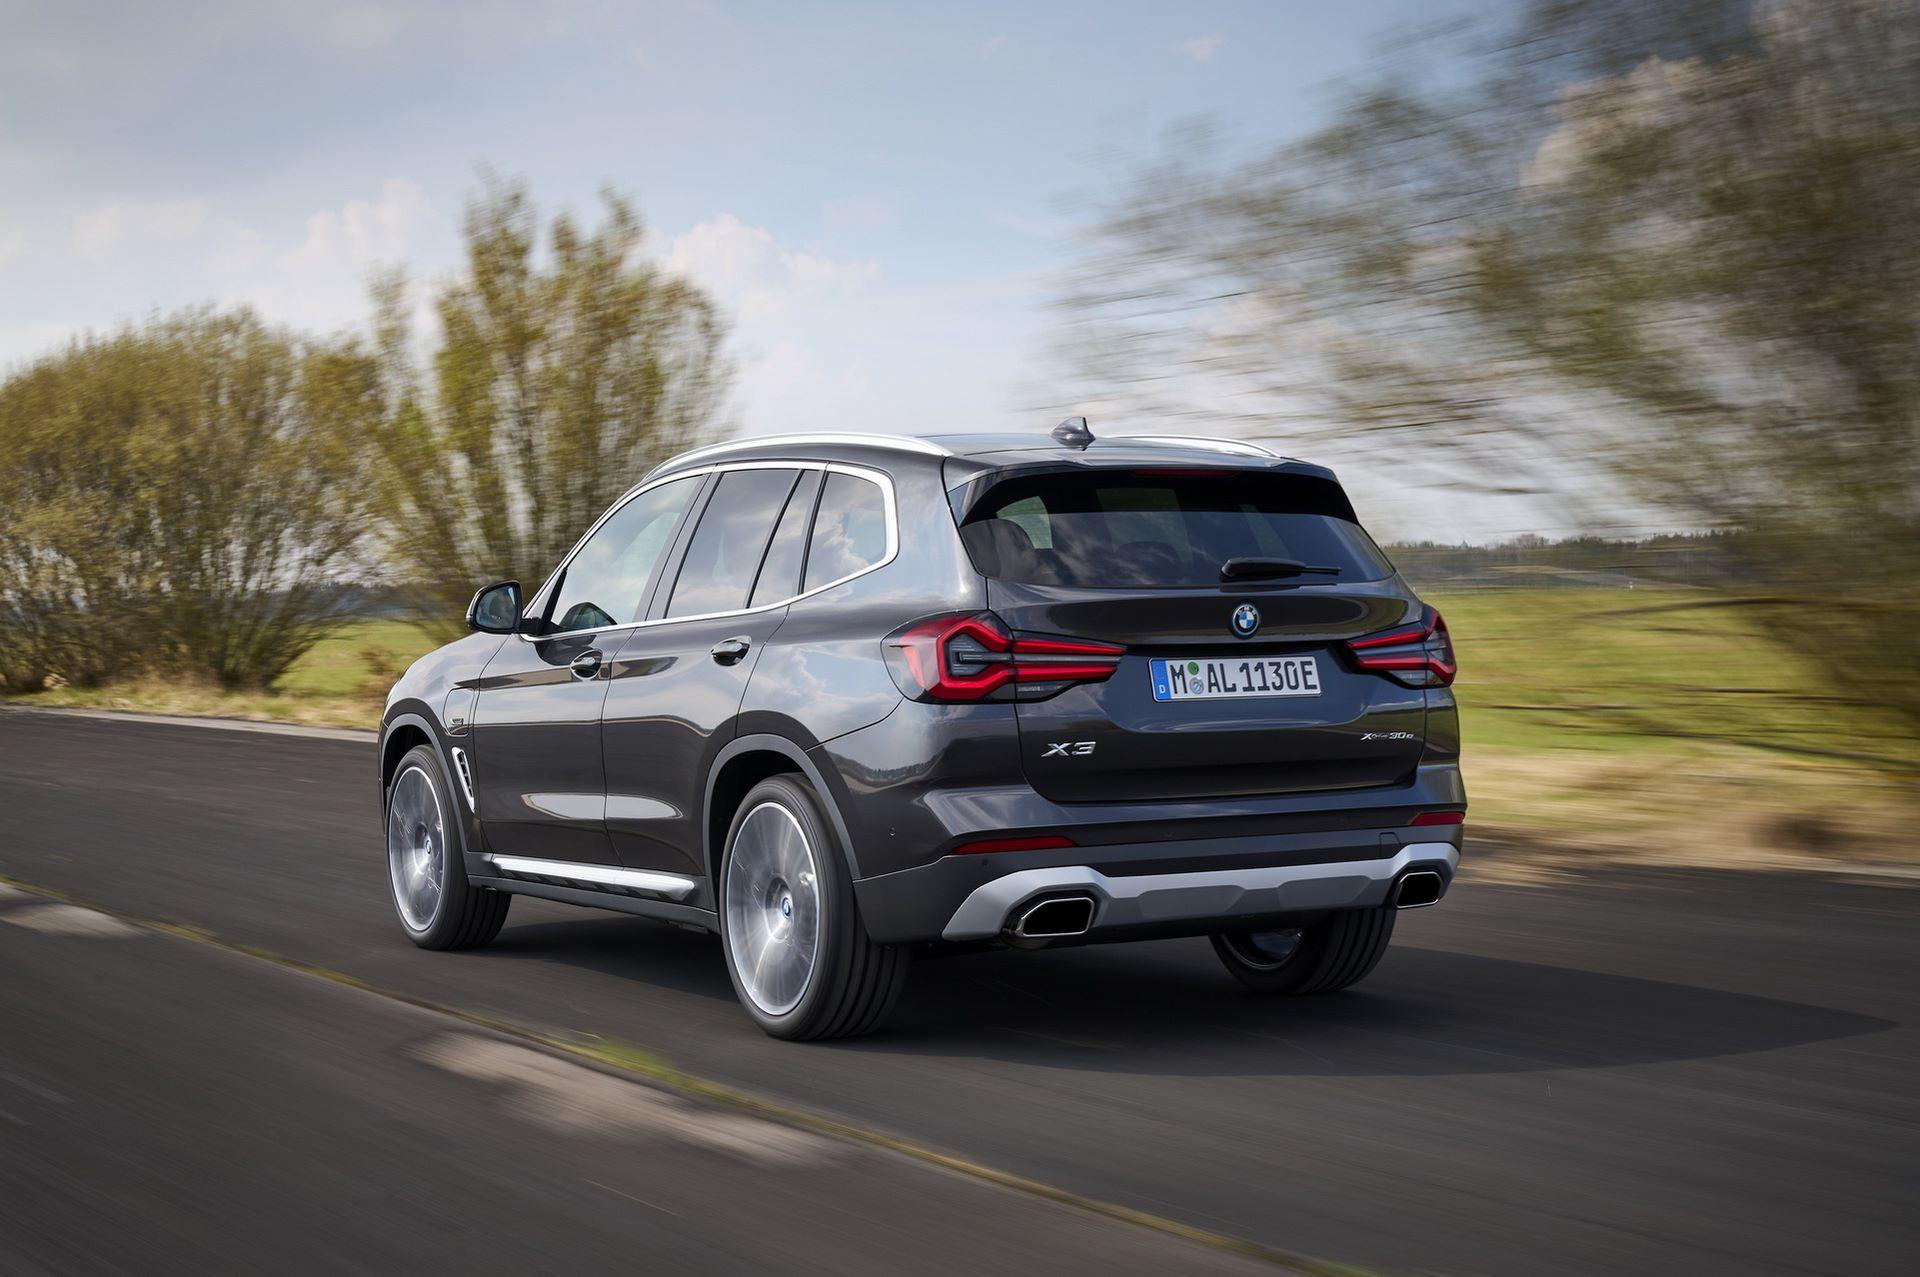 BMW-X3-X4-5